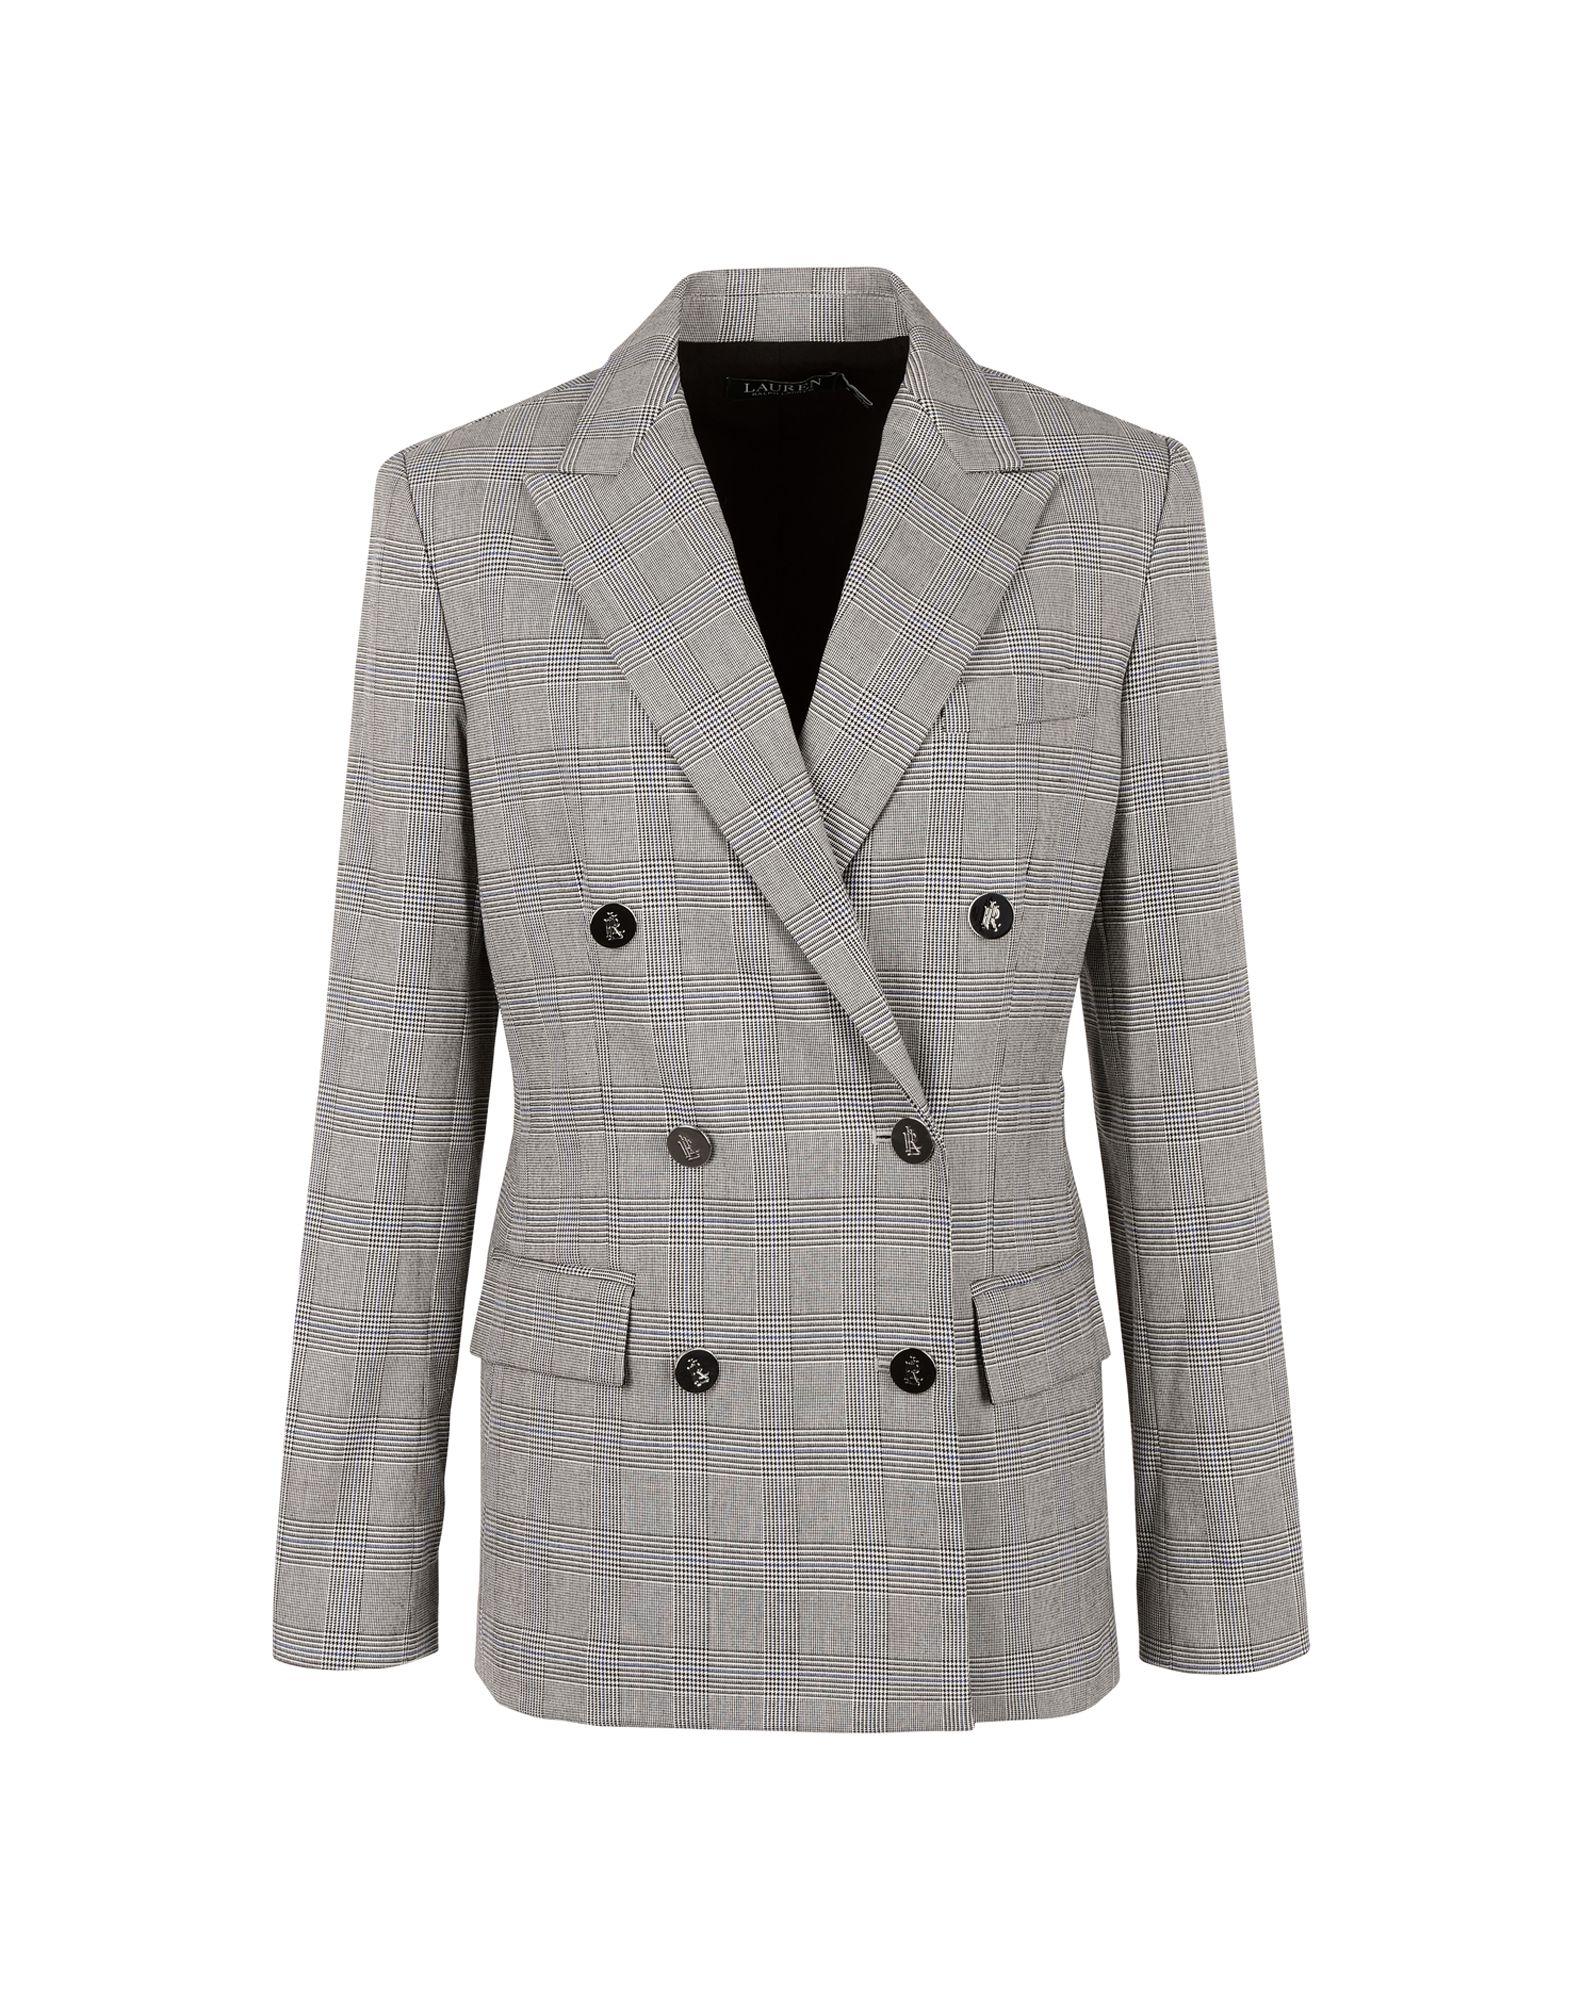 《セール開催中》LAUREN RALPH LAUREN レディース テーラードジャケット グレー 4 ポリエステル 69% / レーヨン 29% / ポリウレタン 2% Double Breasted Twill Blazer